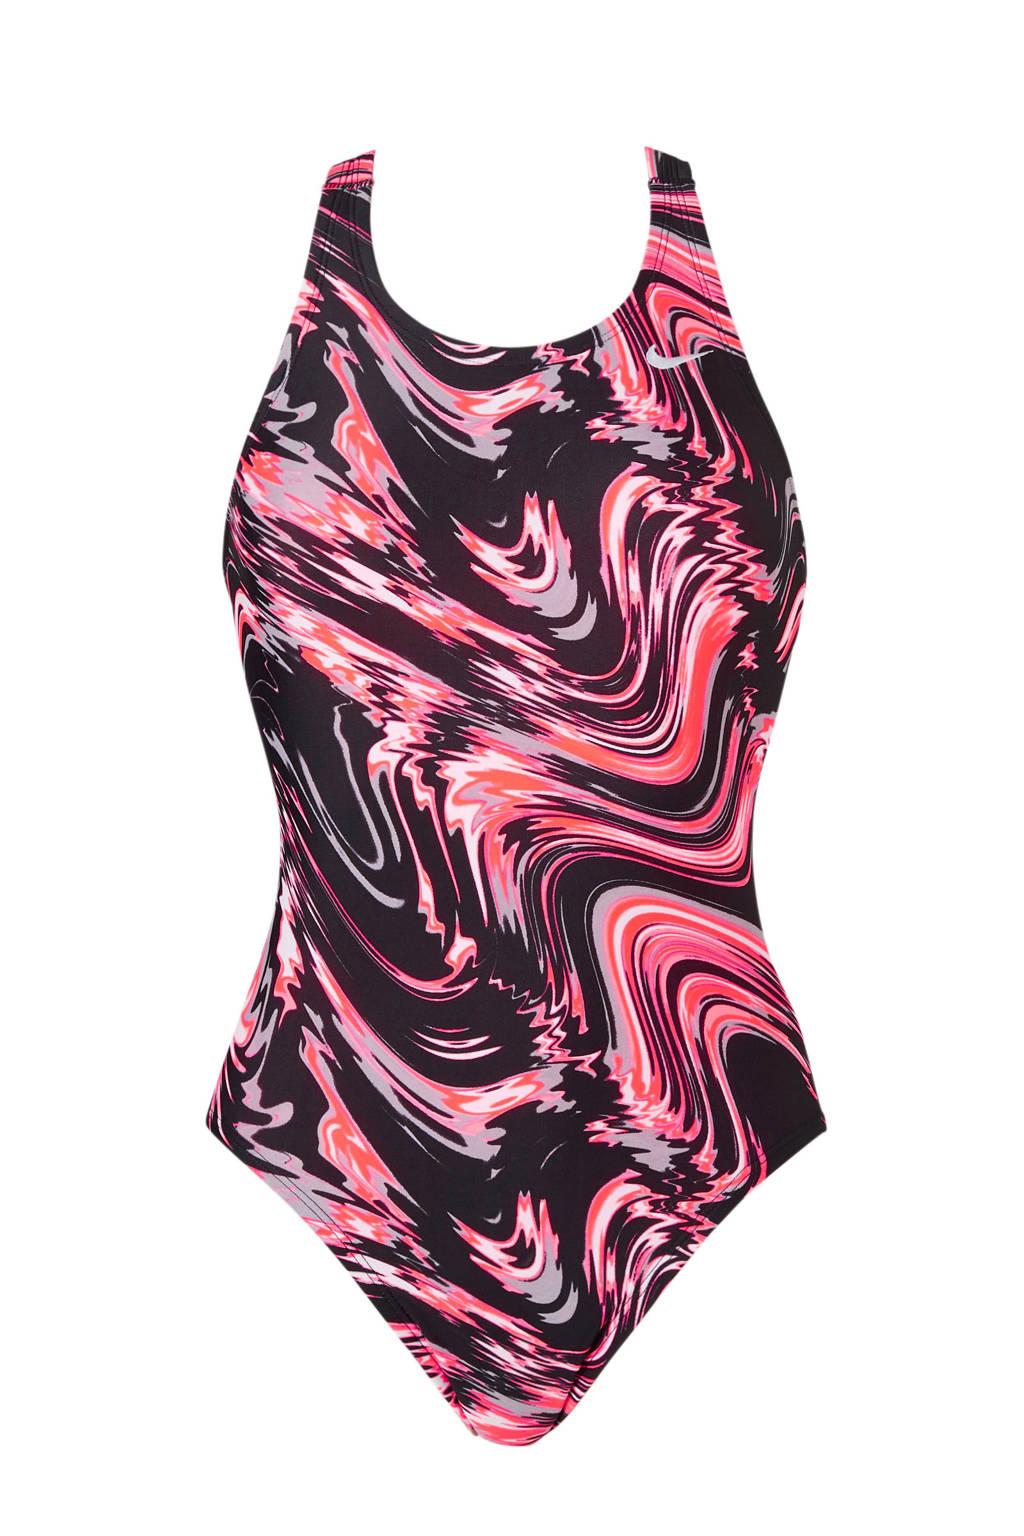 Nike sportbadpak gevoerd in all over print neon roze, Neon roze/zwart/grijs